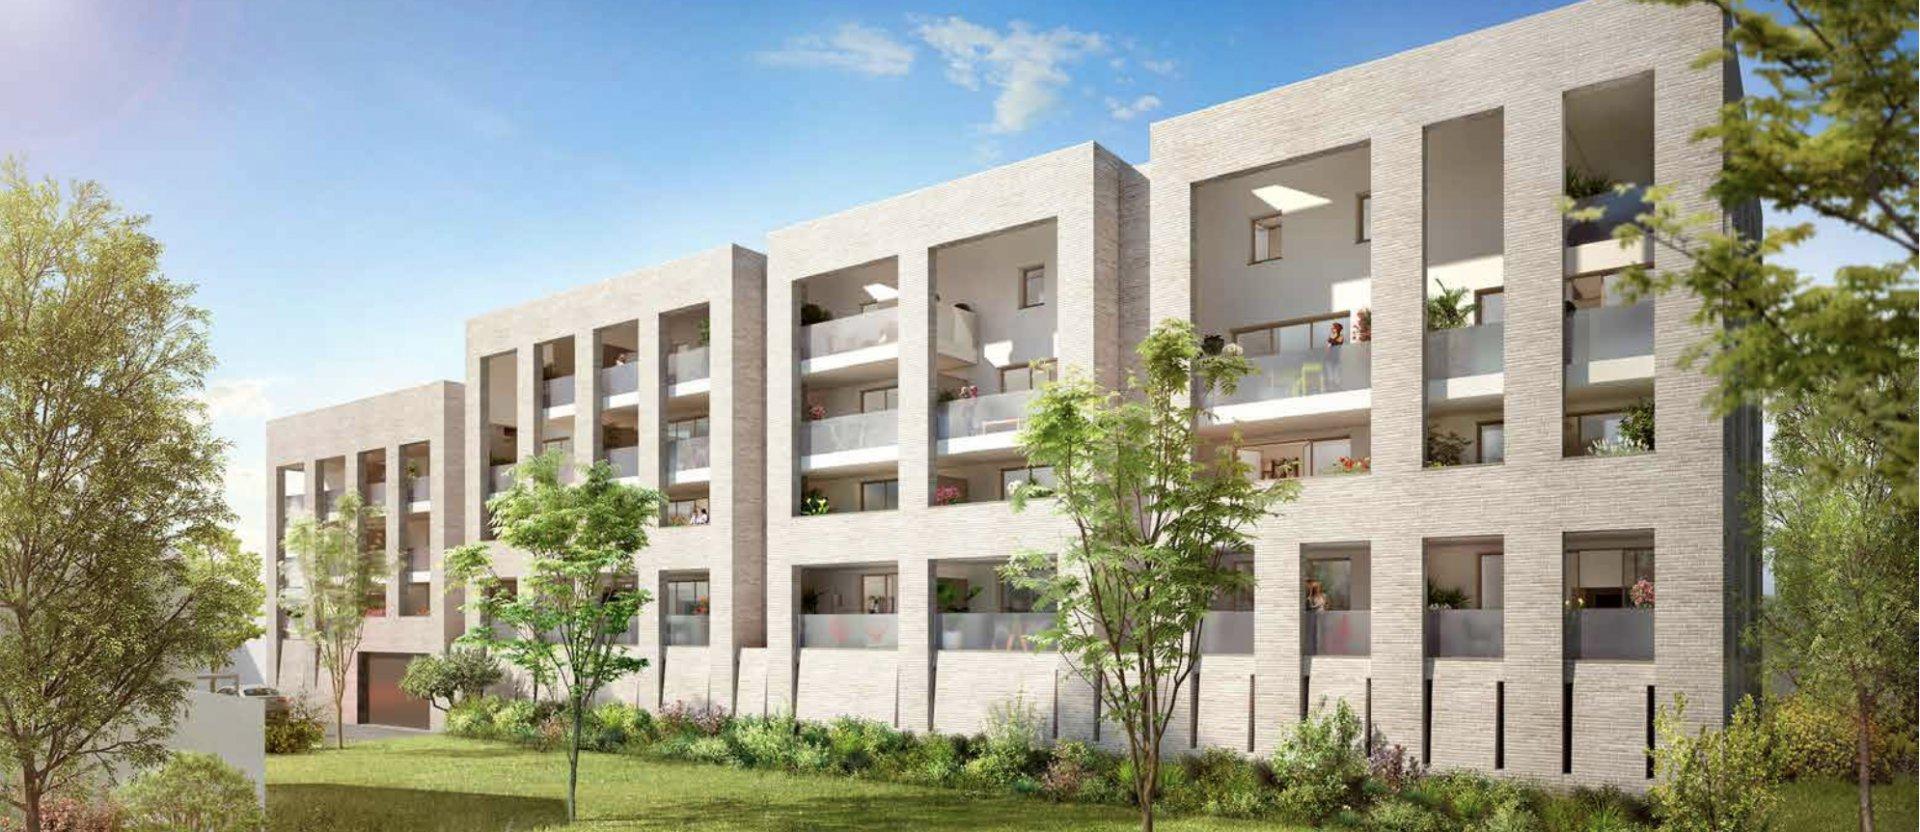 Appartement de standing neuf 3 chambres avec loggia à vendre BORDEAUX CHARTRONS